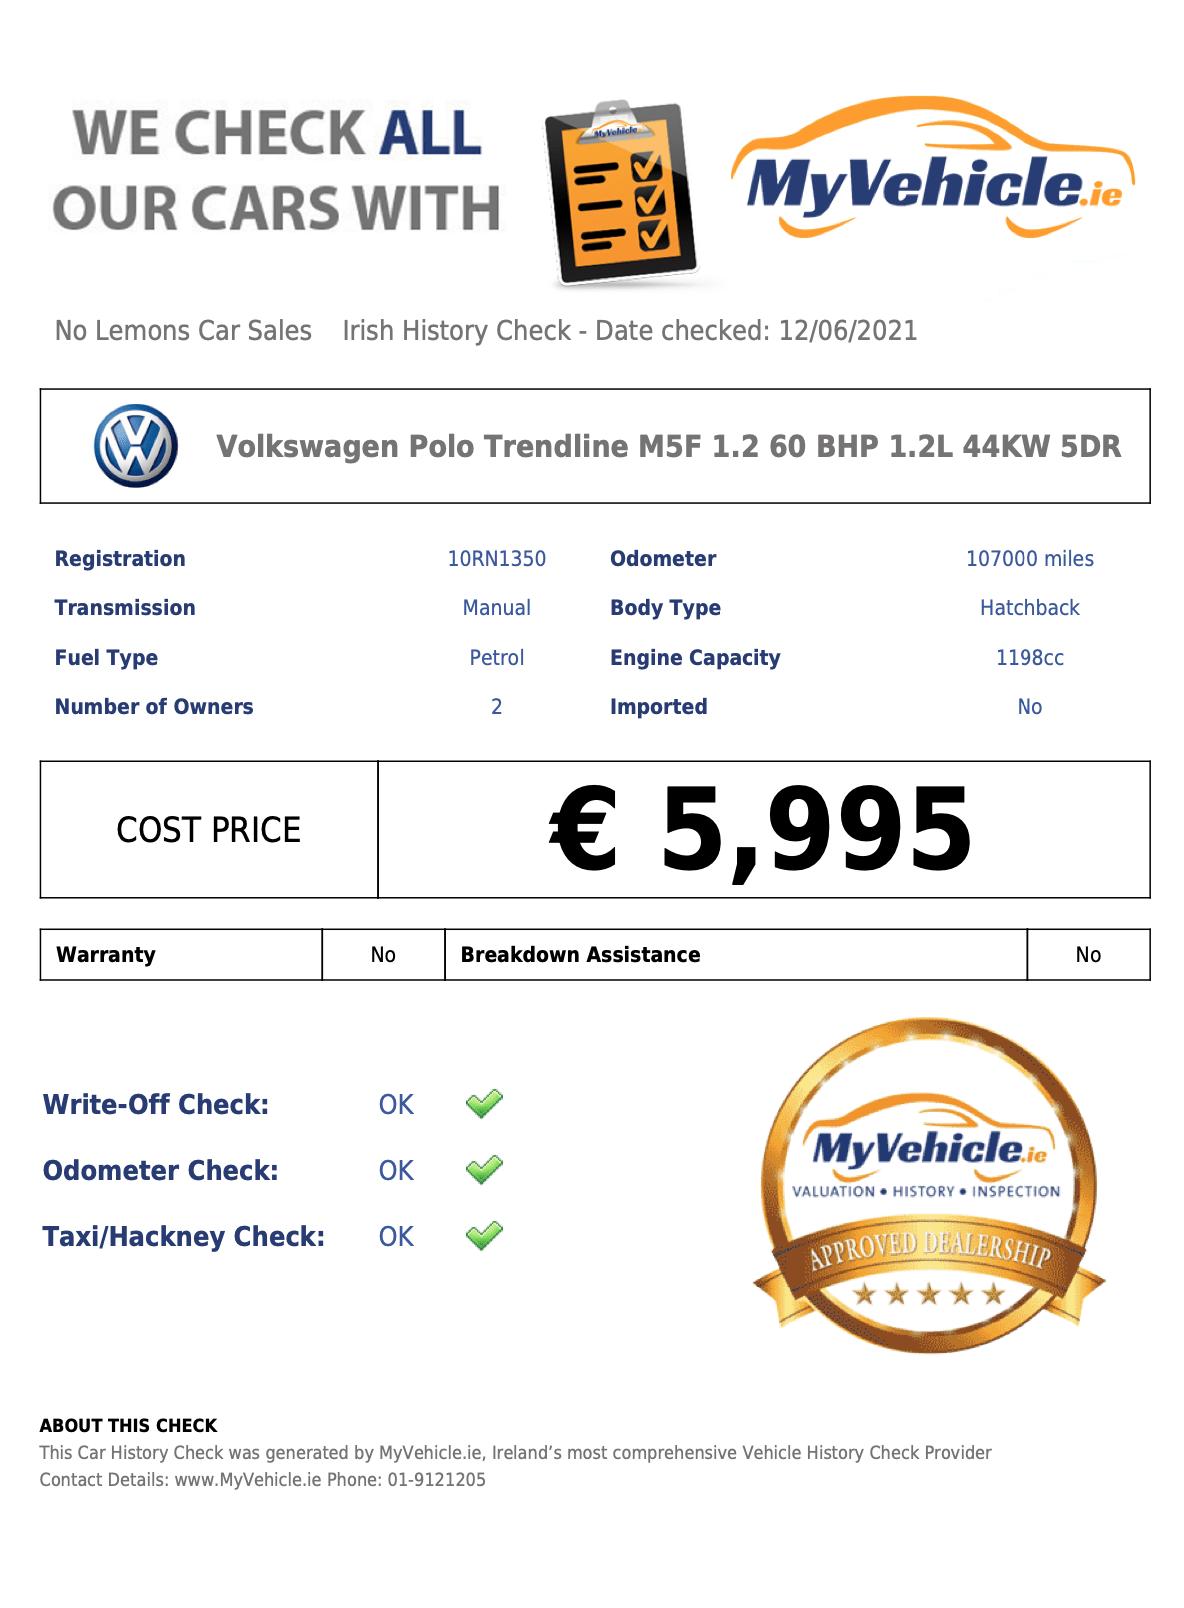 Volkswagen Polo Trendline 2010 1.2